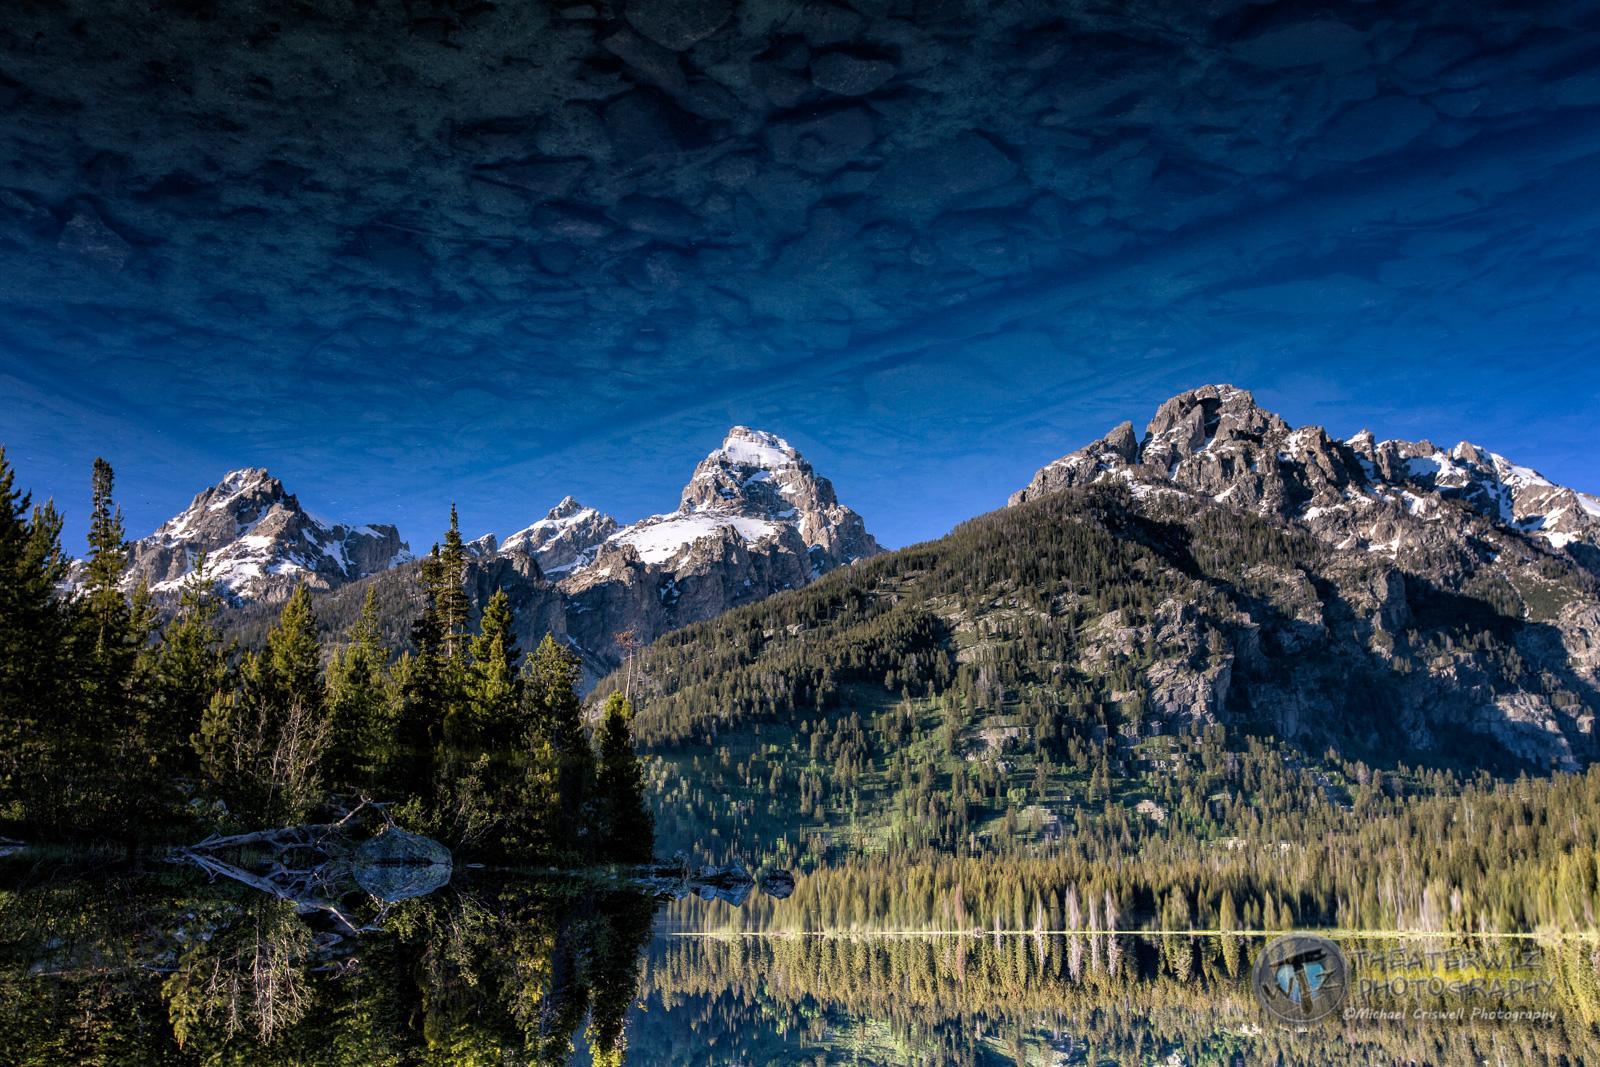 Taggart Lake 180